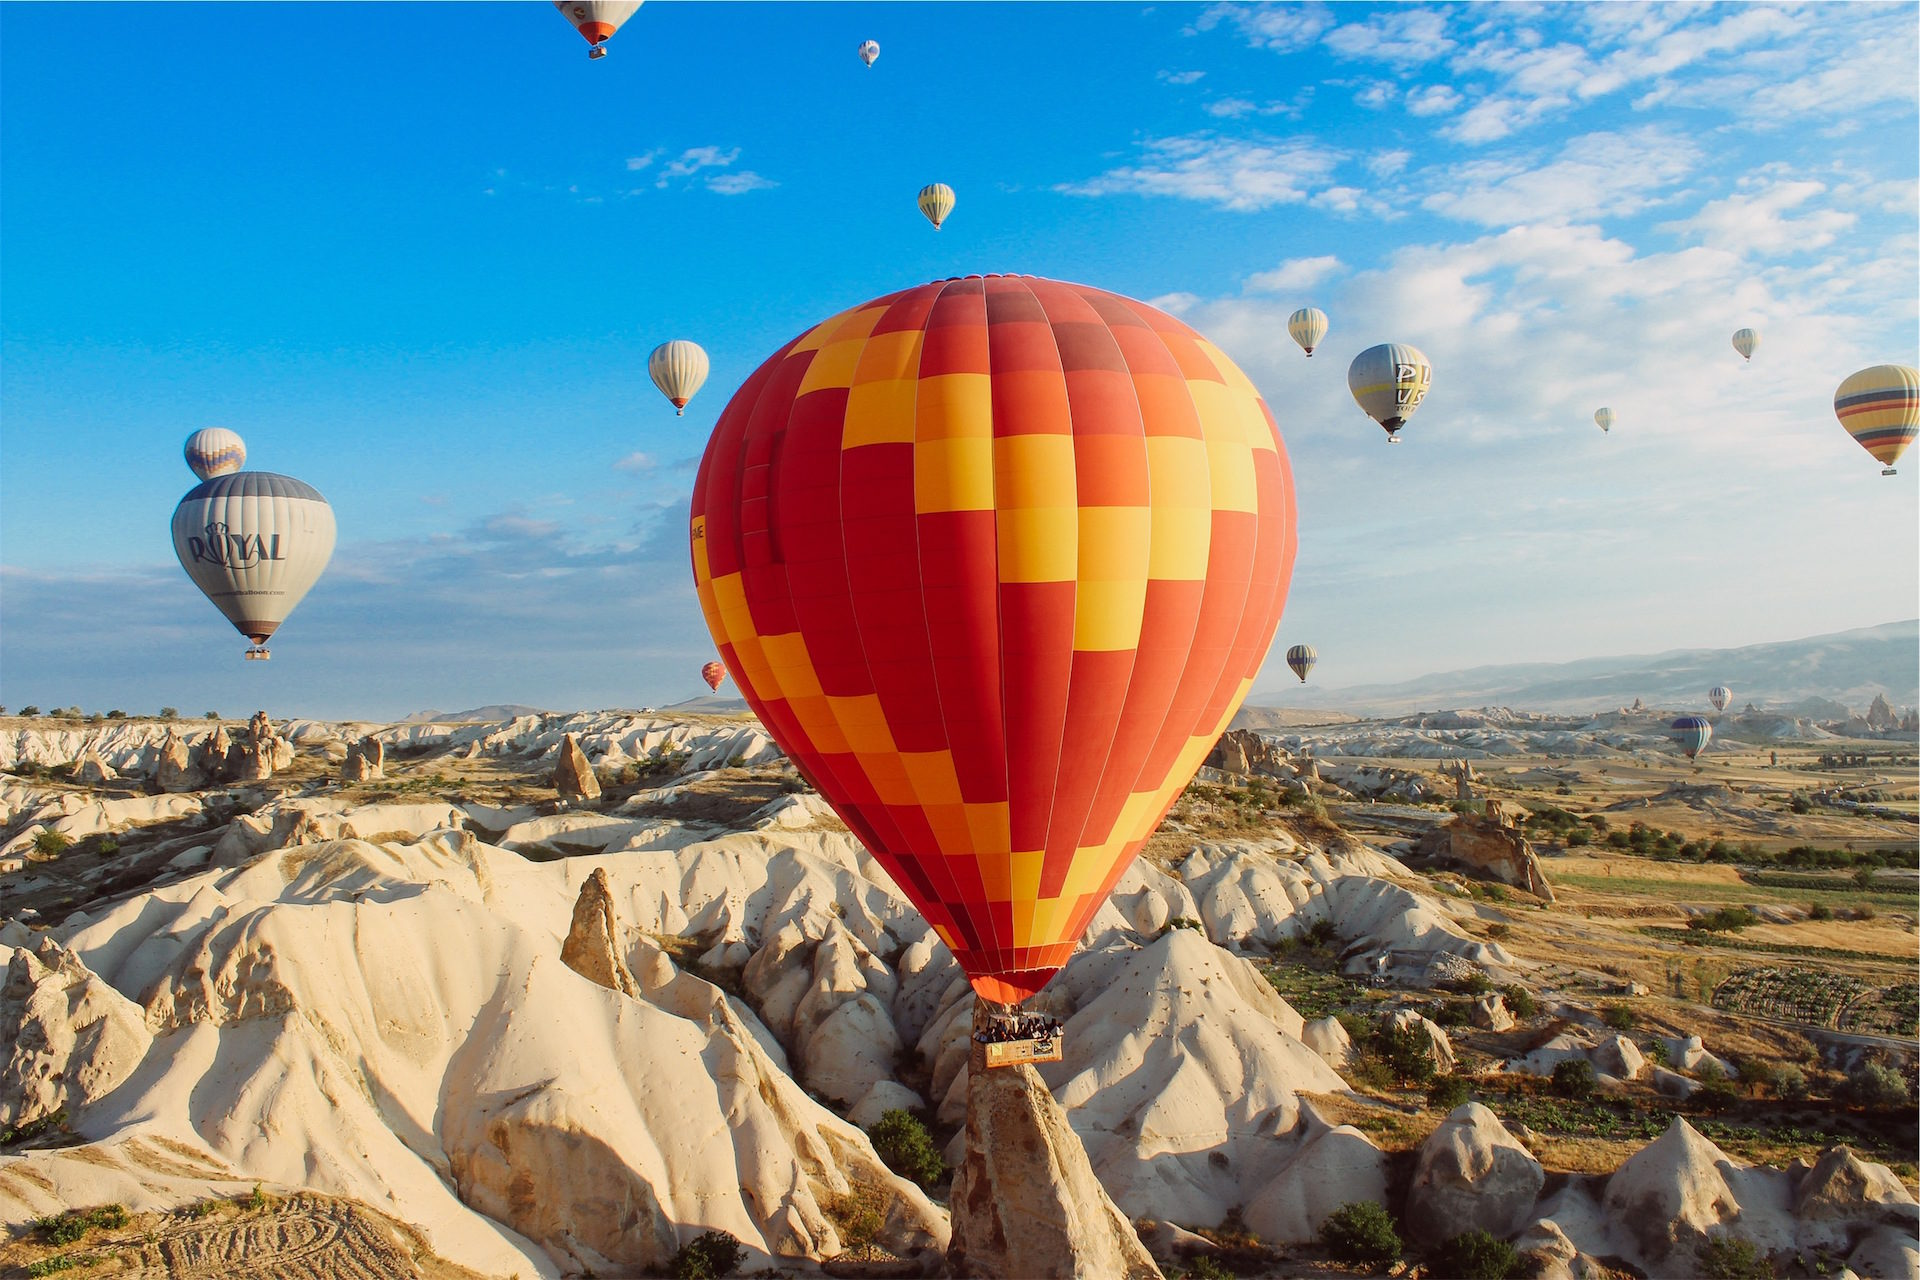 بالونات, الهواء, صحراء, طرق عرض, الجوي - خلفيات عالية الدقة - أستاذ falken.com